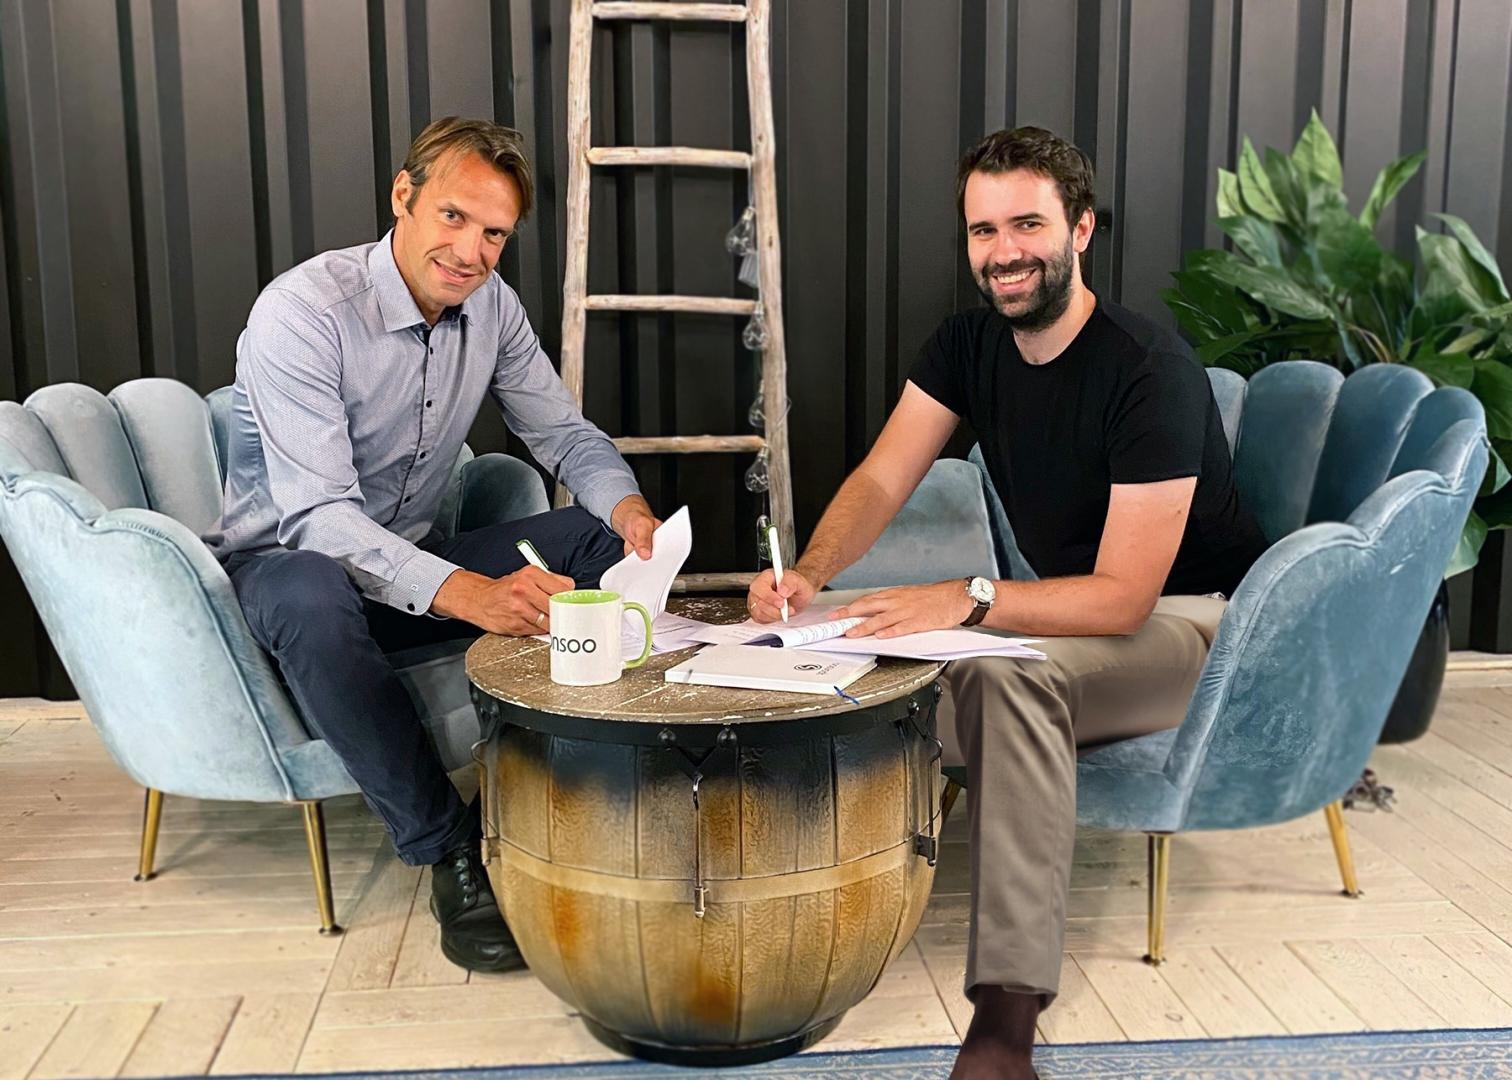 Oke Hansen,  Geschäftsführer der VR Projektverwaltung, und Andreas Kitzing, unterschreiben im Sommer 2020 den Investmentvertrag.